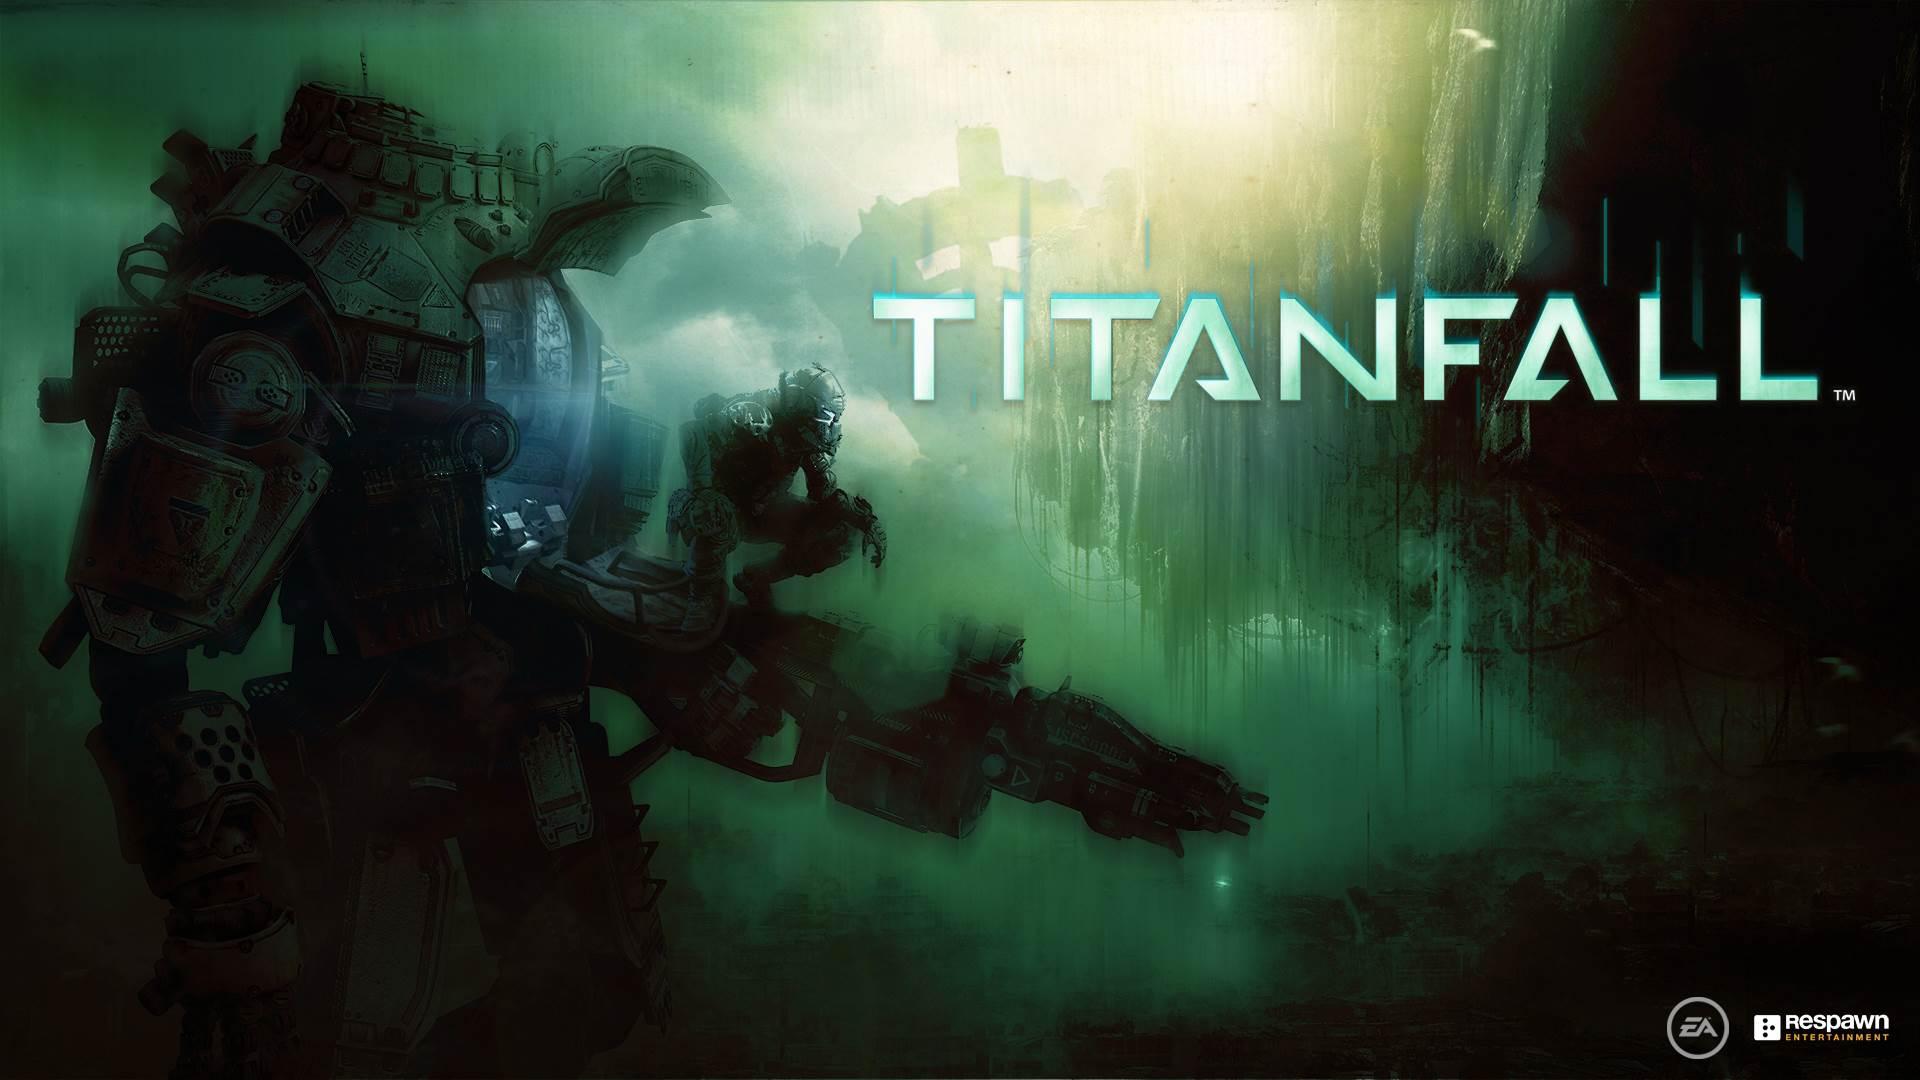 La bêta du jeu le plus attendu de l'année est annoncé le 14 février sur Xbox One et PC. Inscrivez-vous surle site www.titanfall.com/fr/